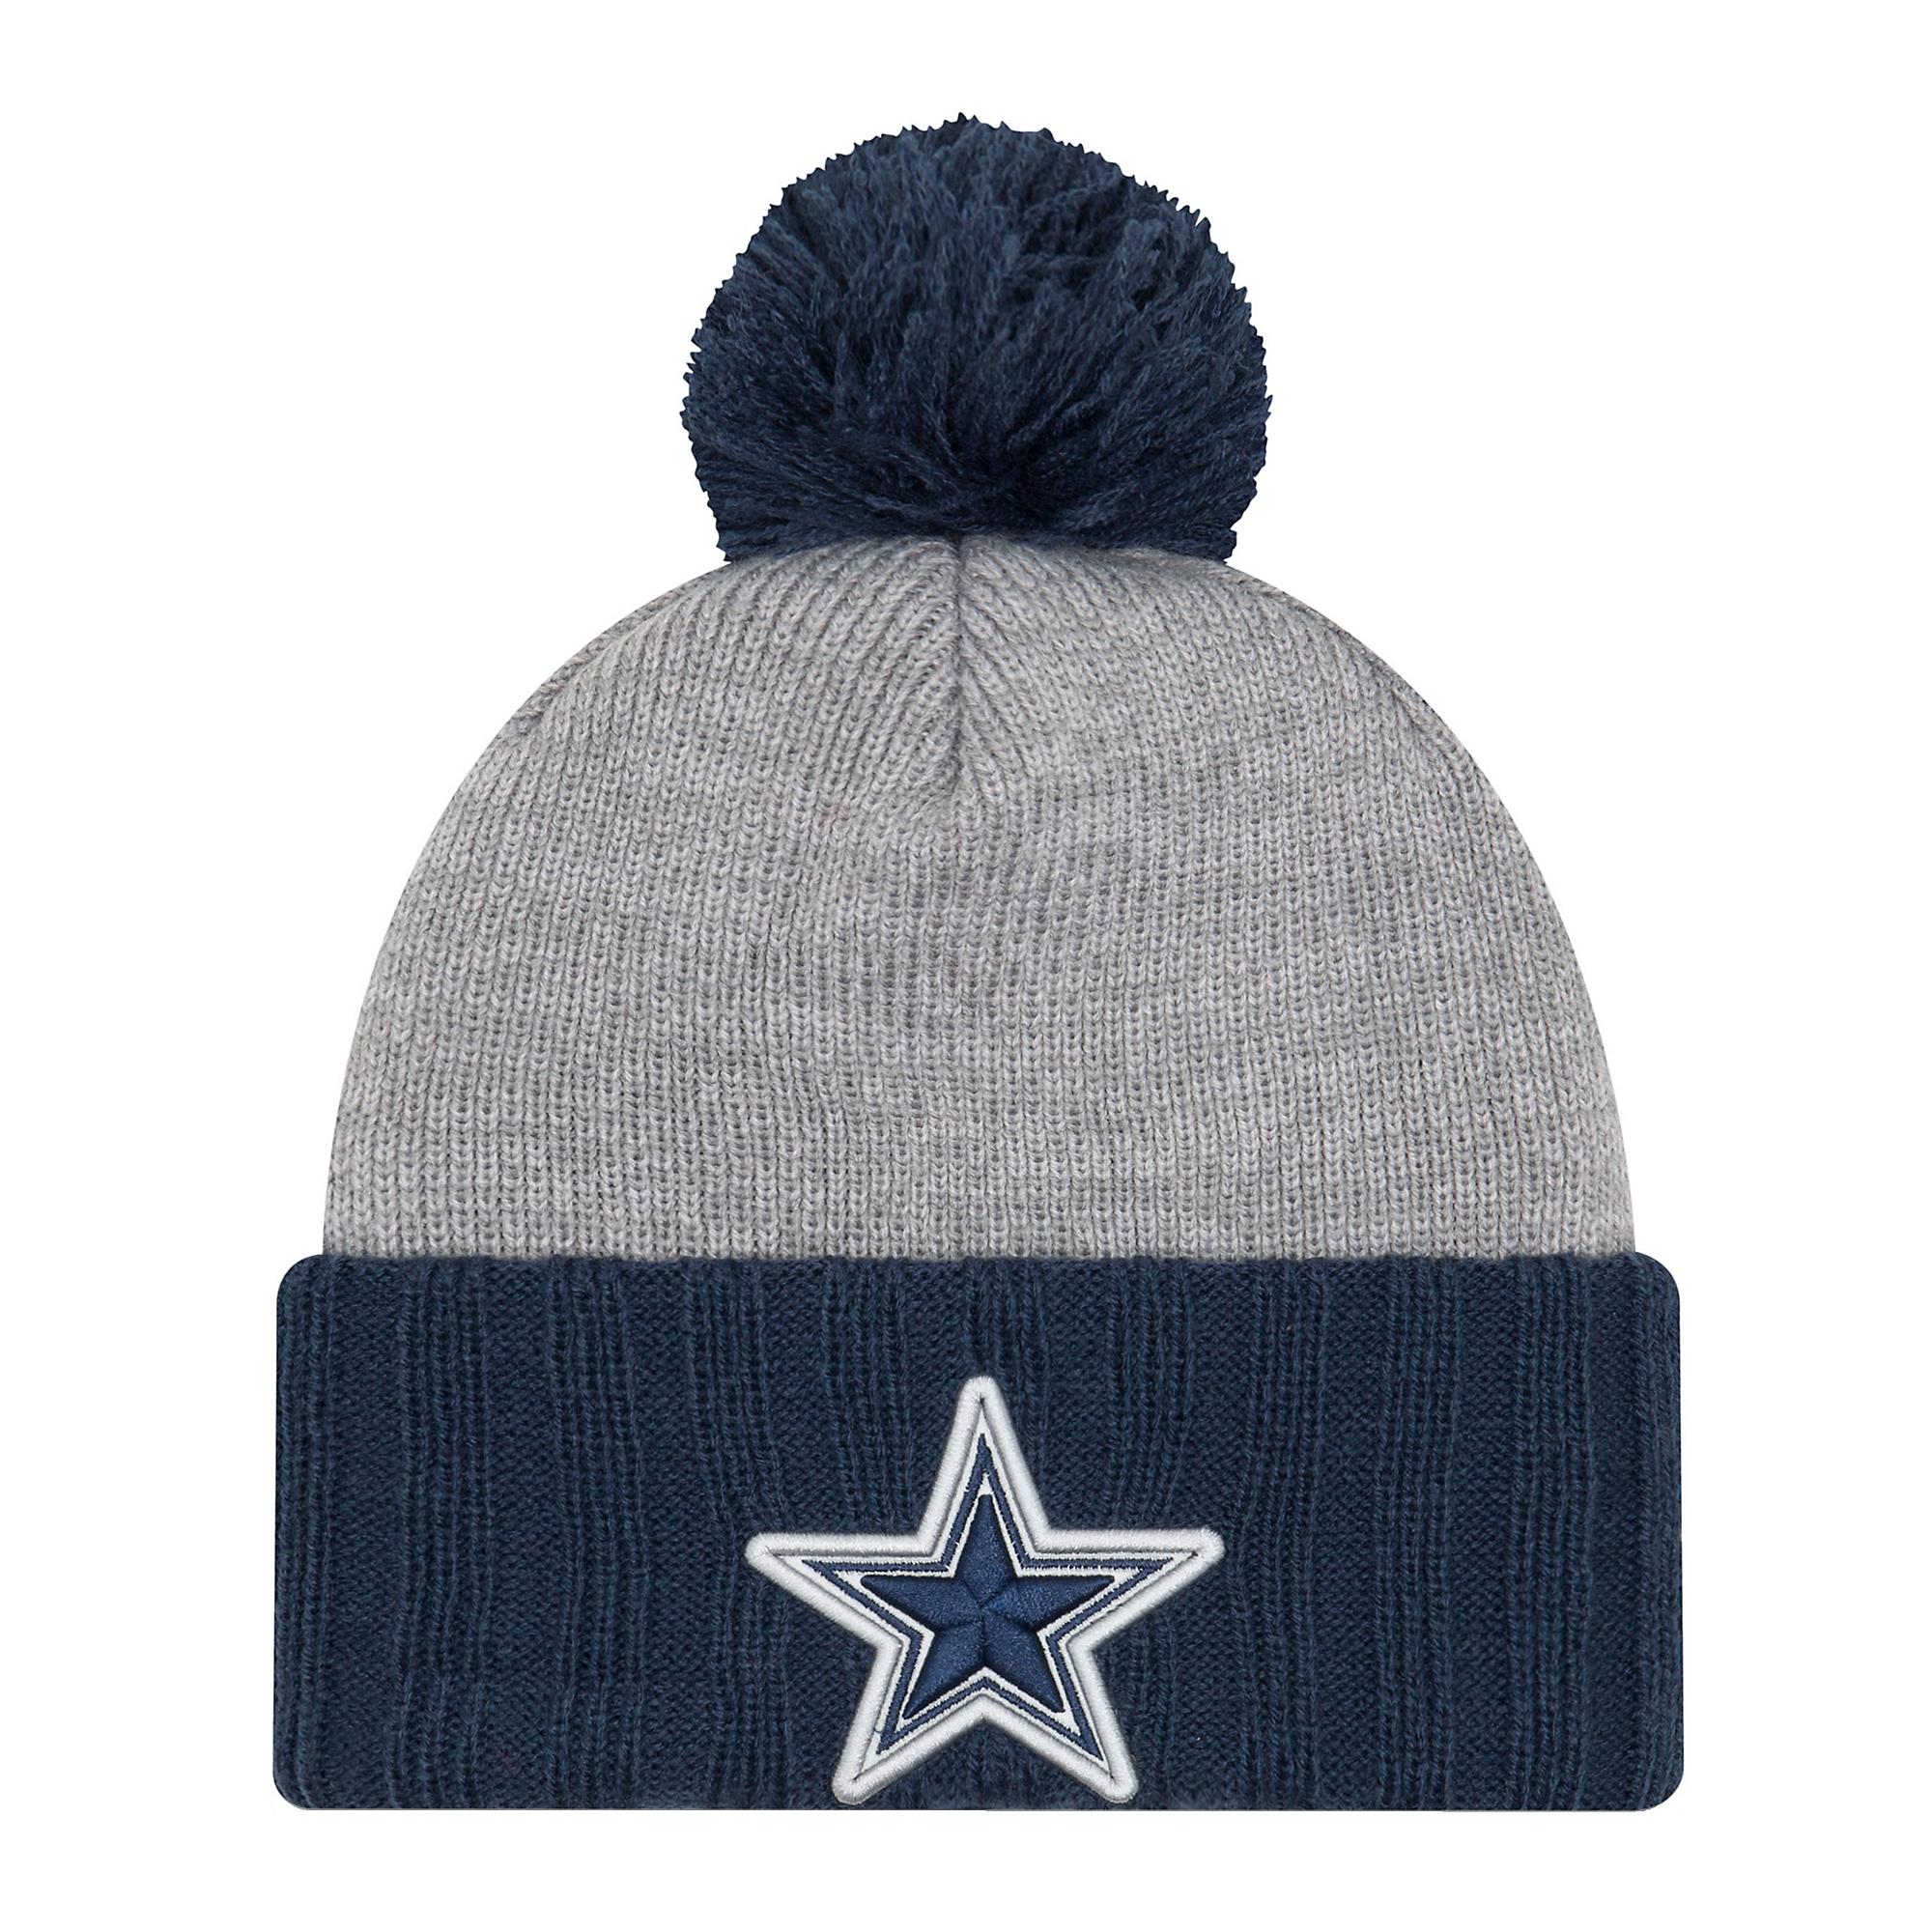 Dallas Cowboys New Era Jr Flected Frost Knit Hat